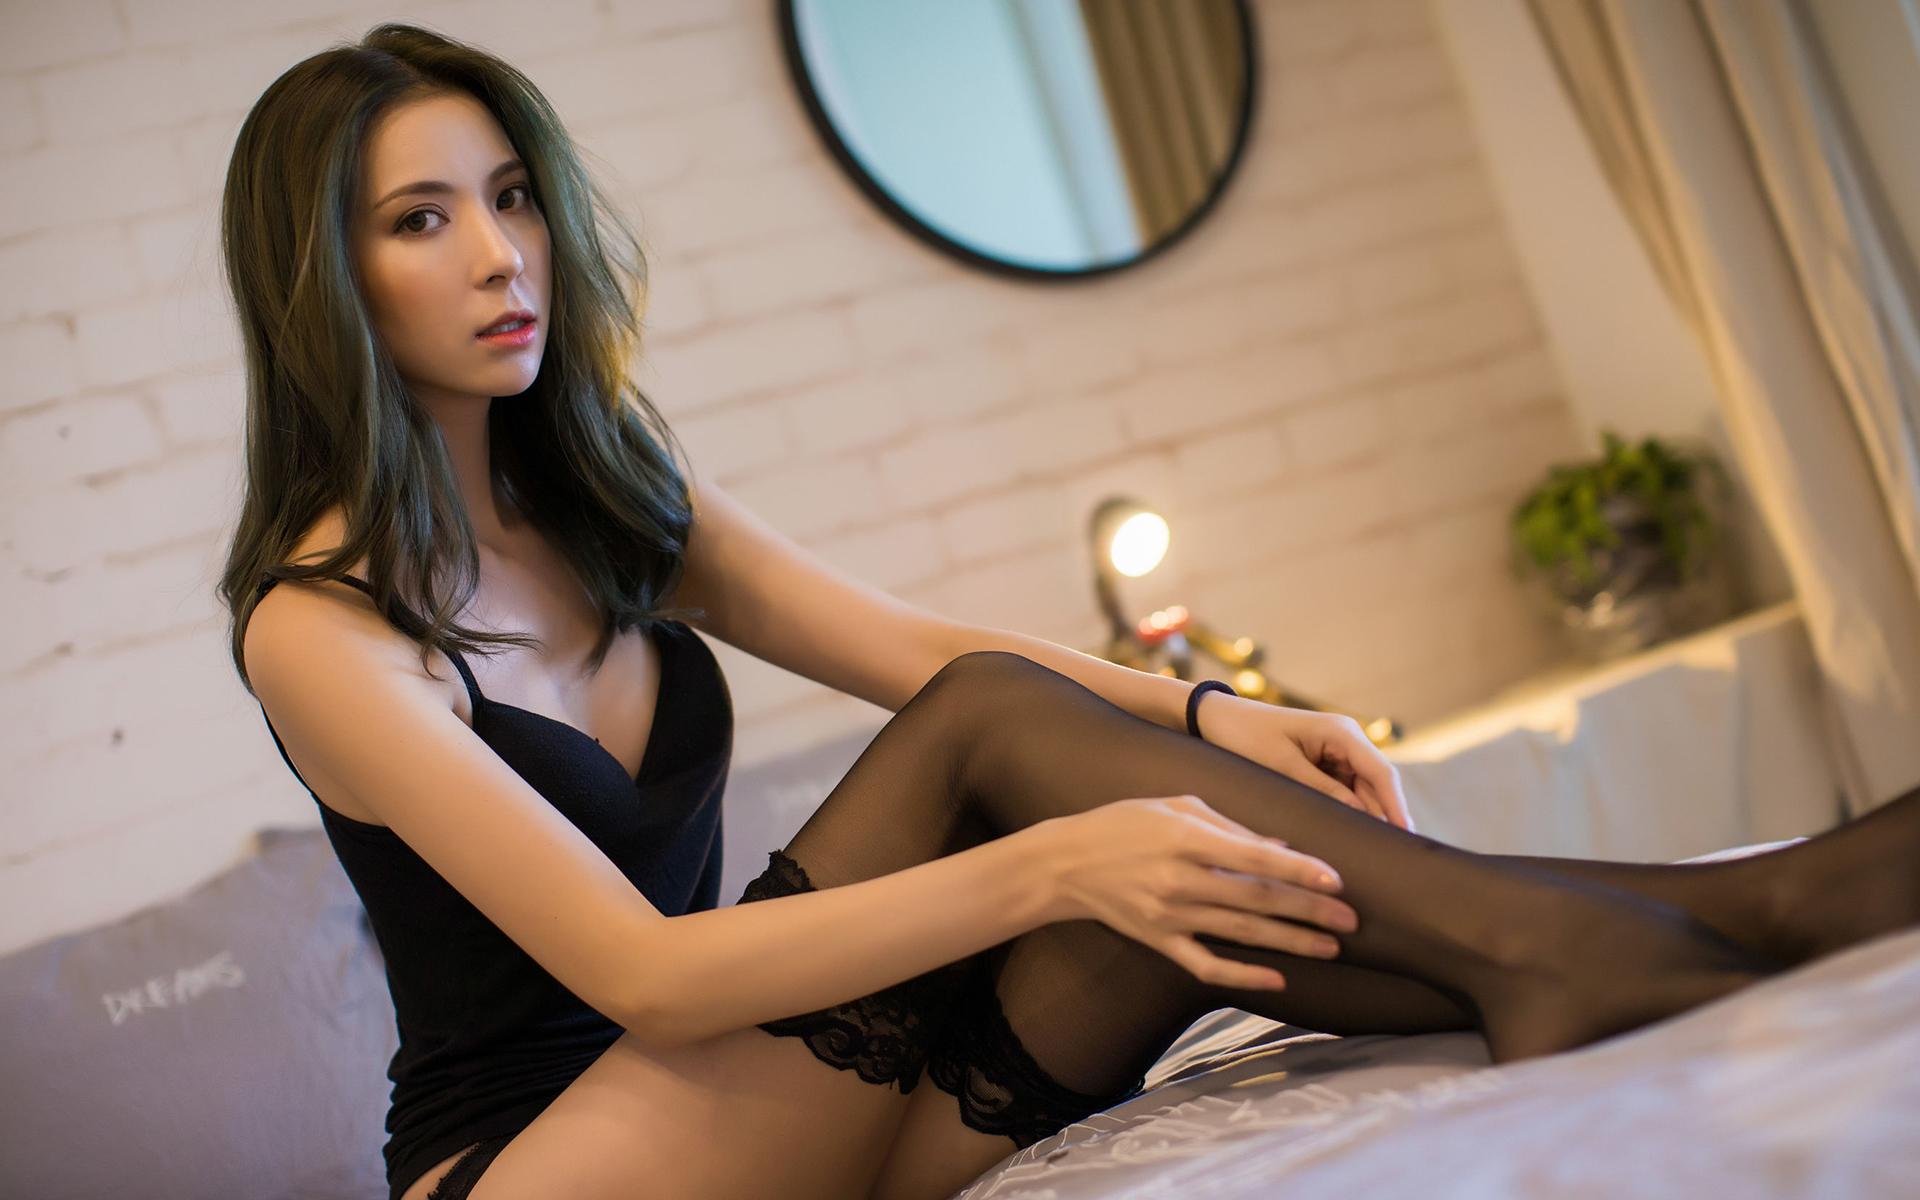 骨感美女性感丝袜长腿香肩爆乳妩媚写真桌面壁纸